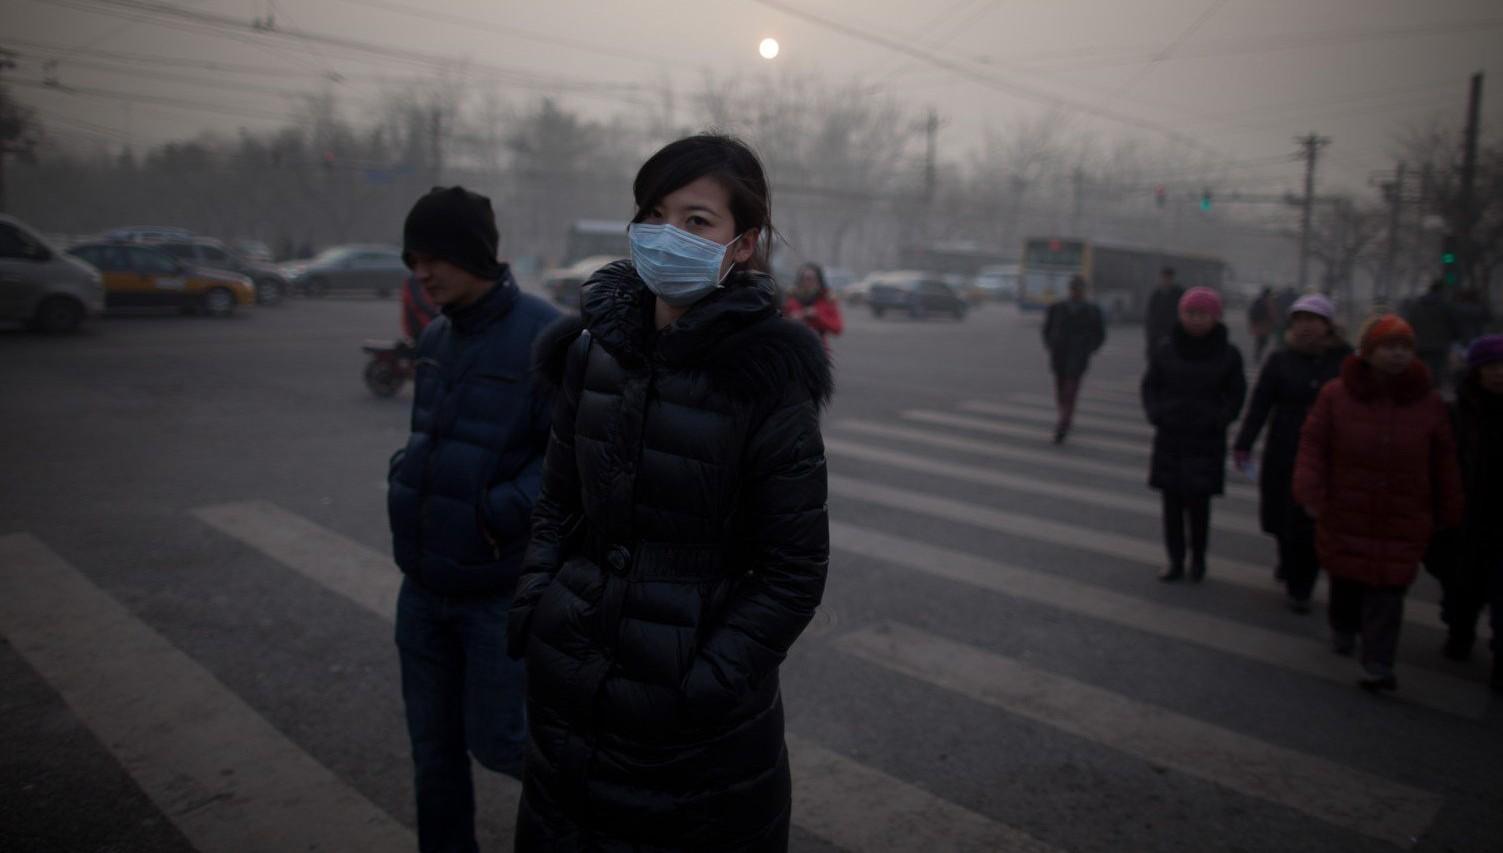 От загрязненного воздуха ежегодно умирают 5,5 млн человек